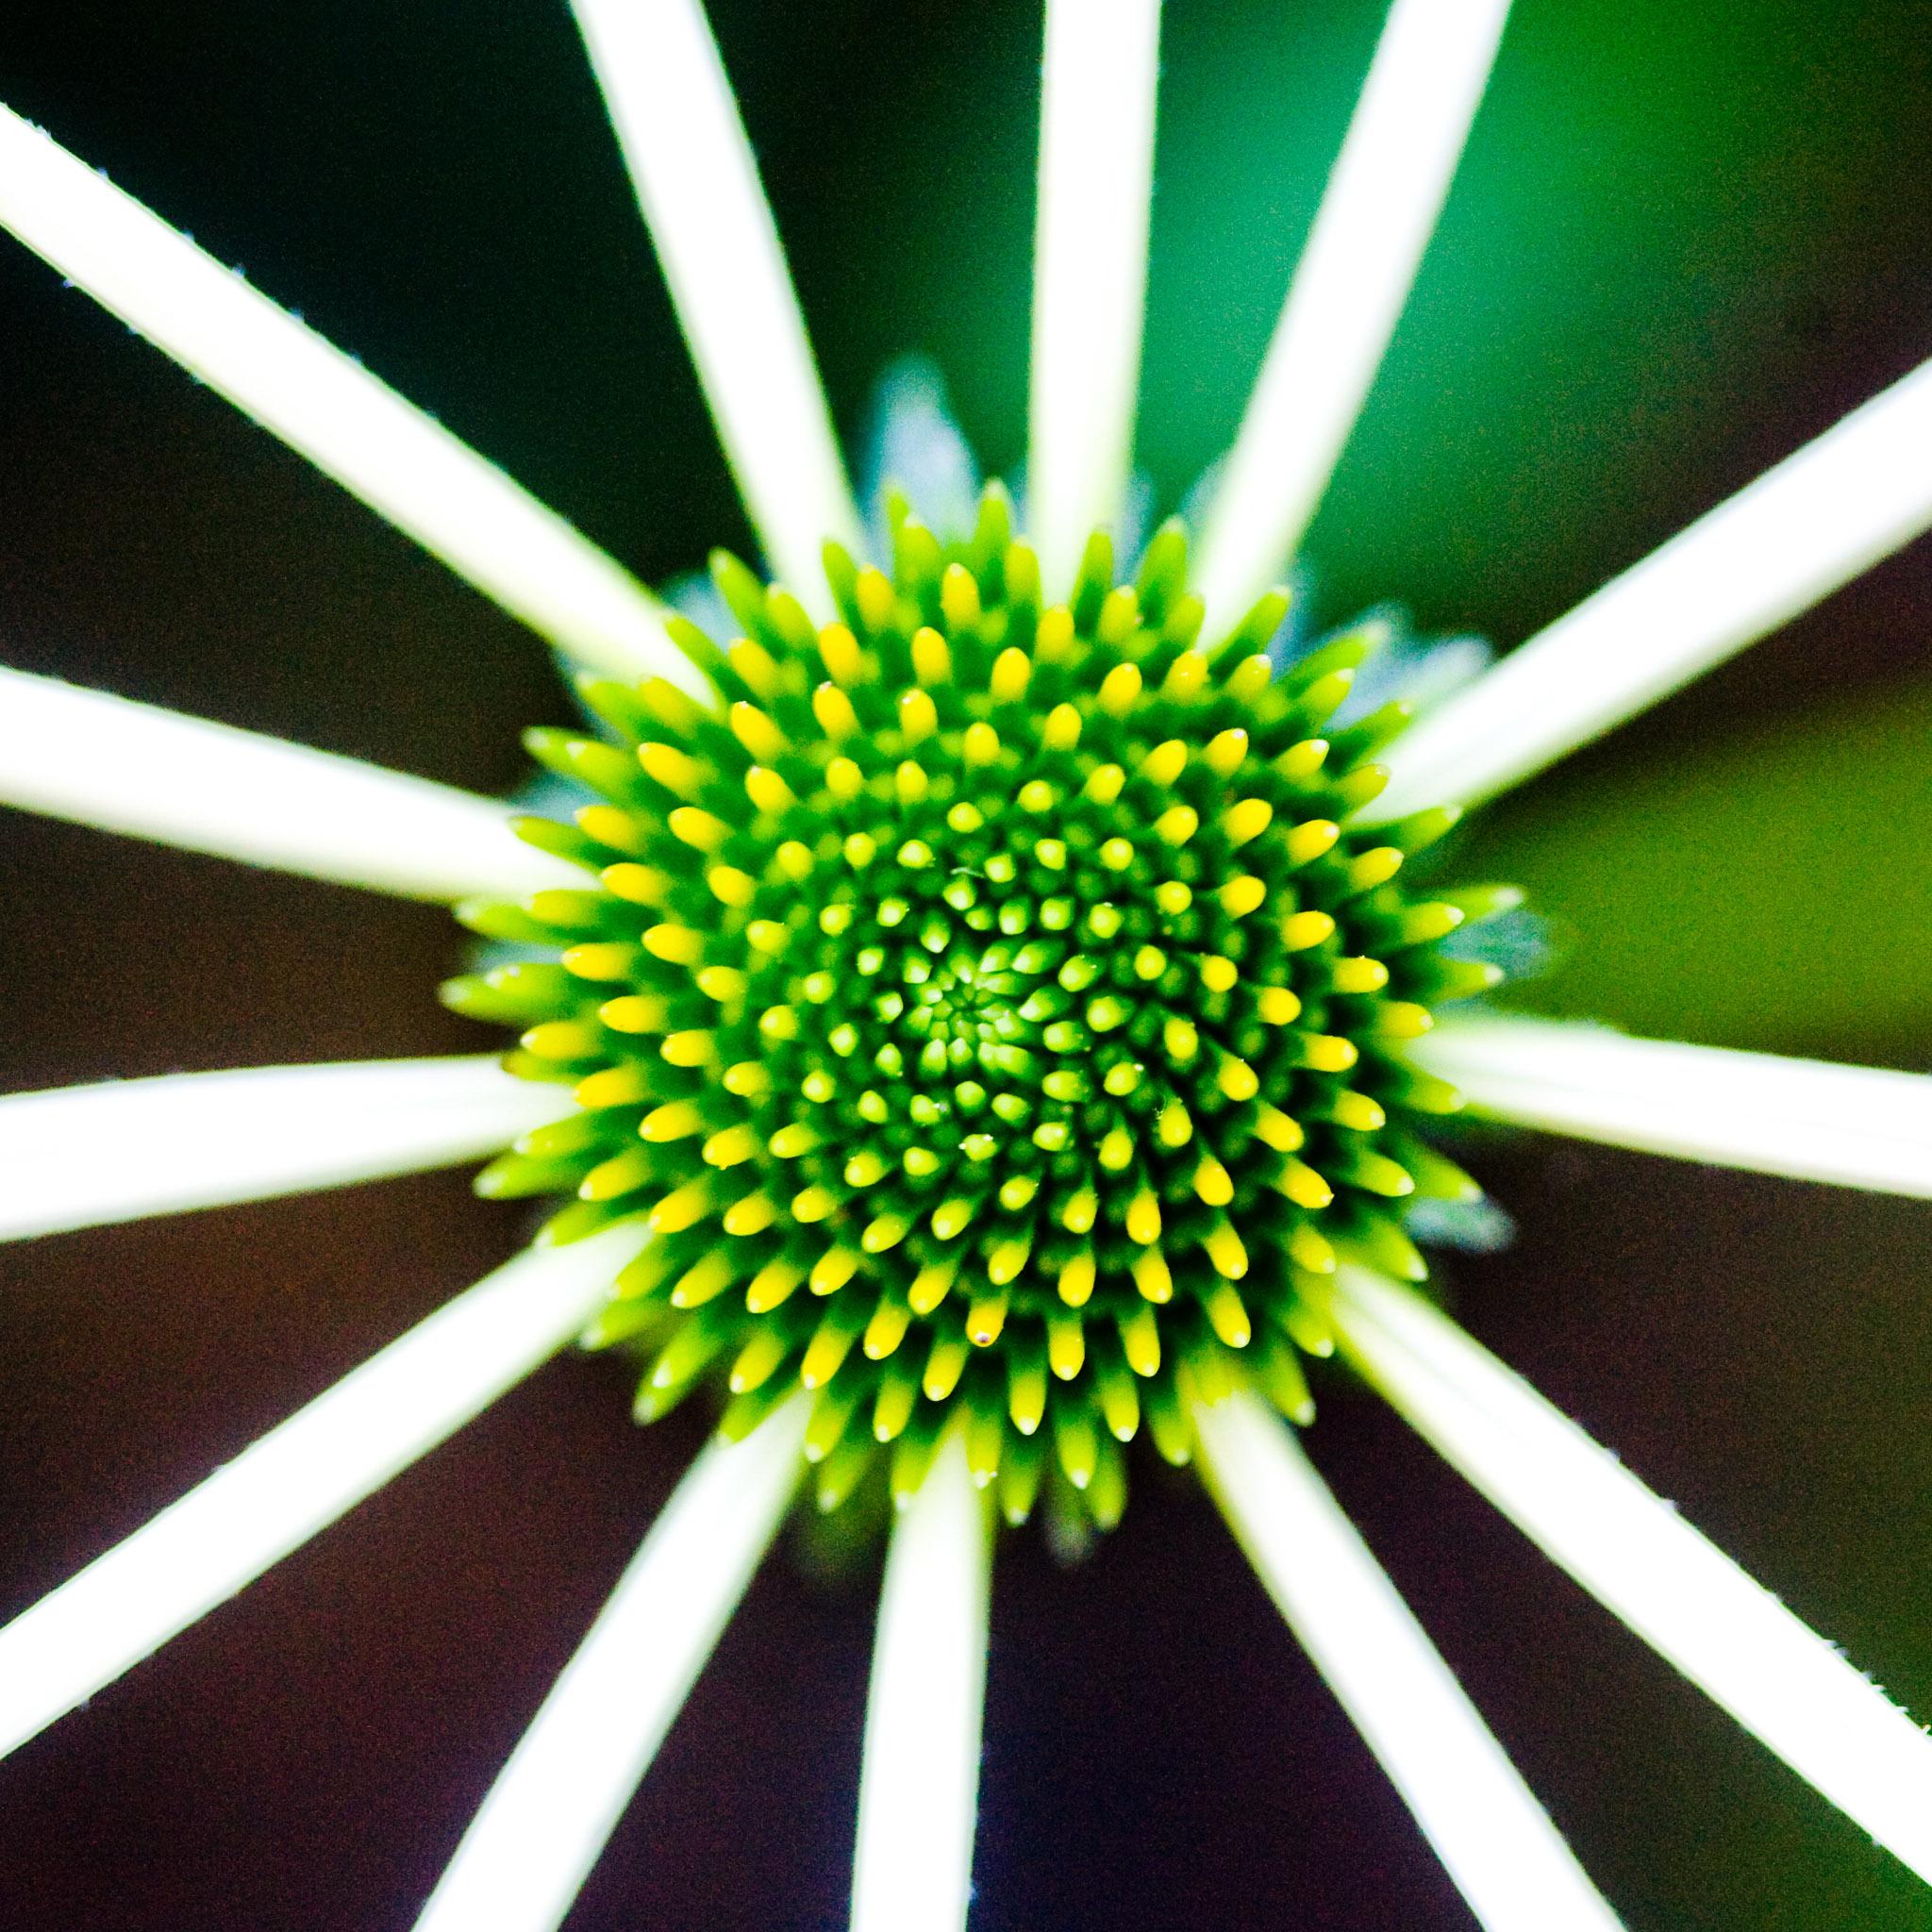 thomas hawk - green flower ipad wallpaper